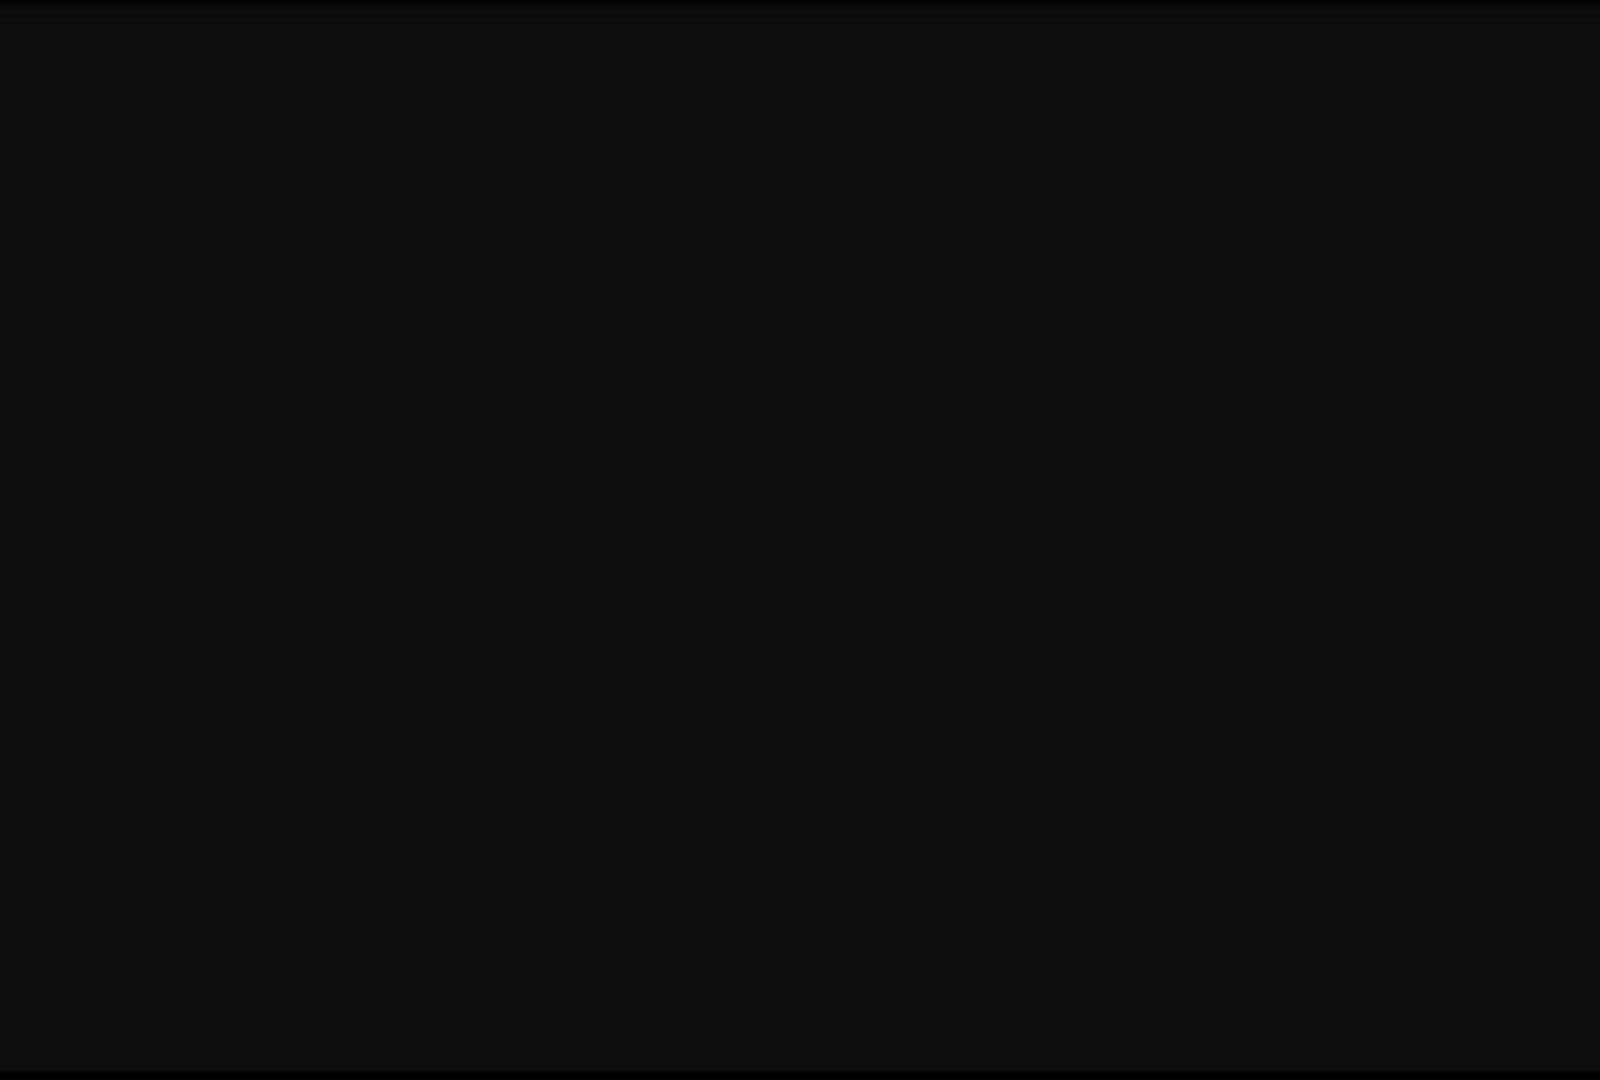 フリマのギャルパンVol.3 チラ見え画像 AV無料動画キャプチャ 80連発 46